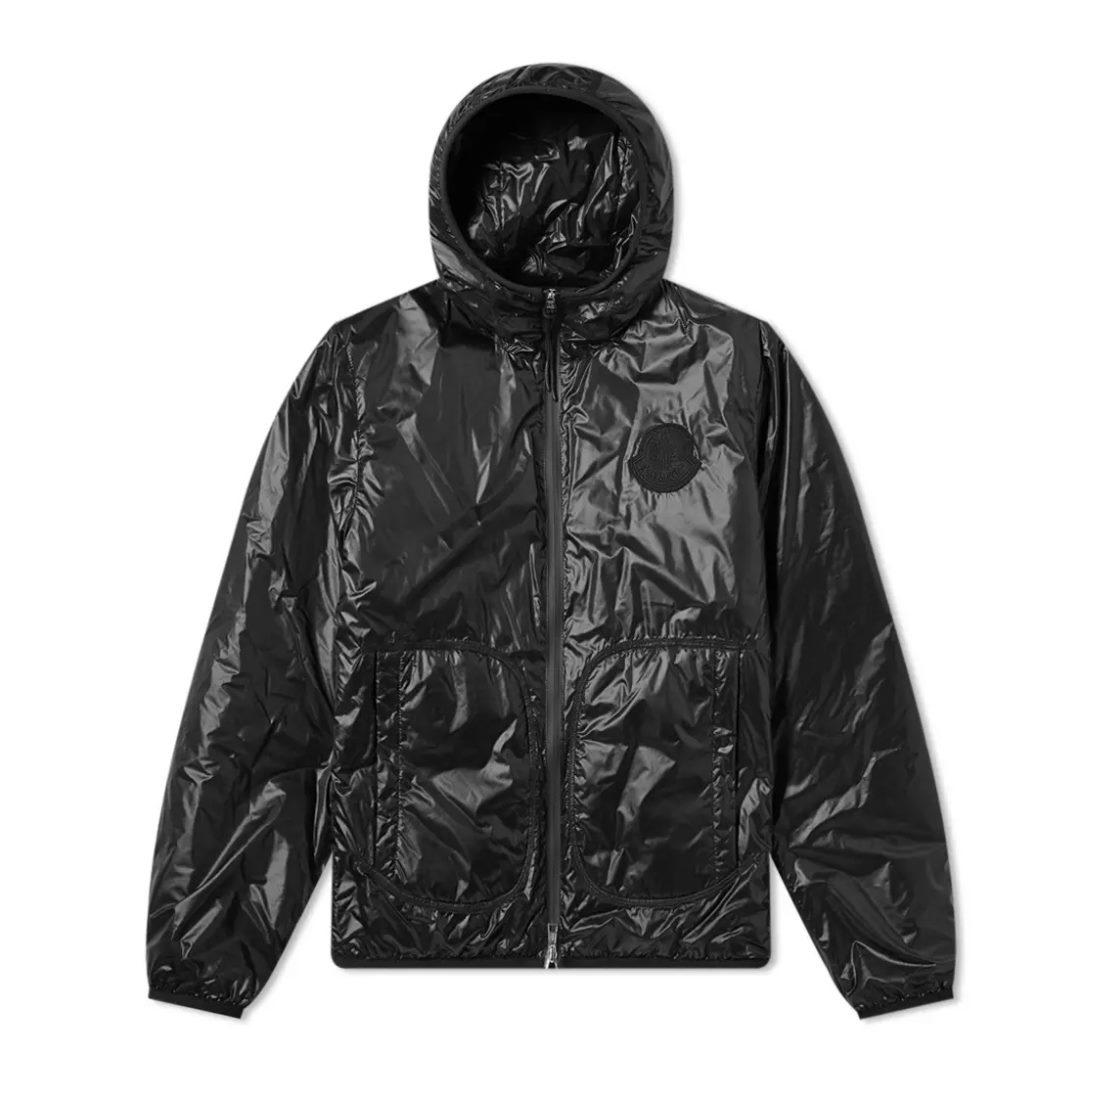 Awake x Moncler LAU Down Jacket Black